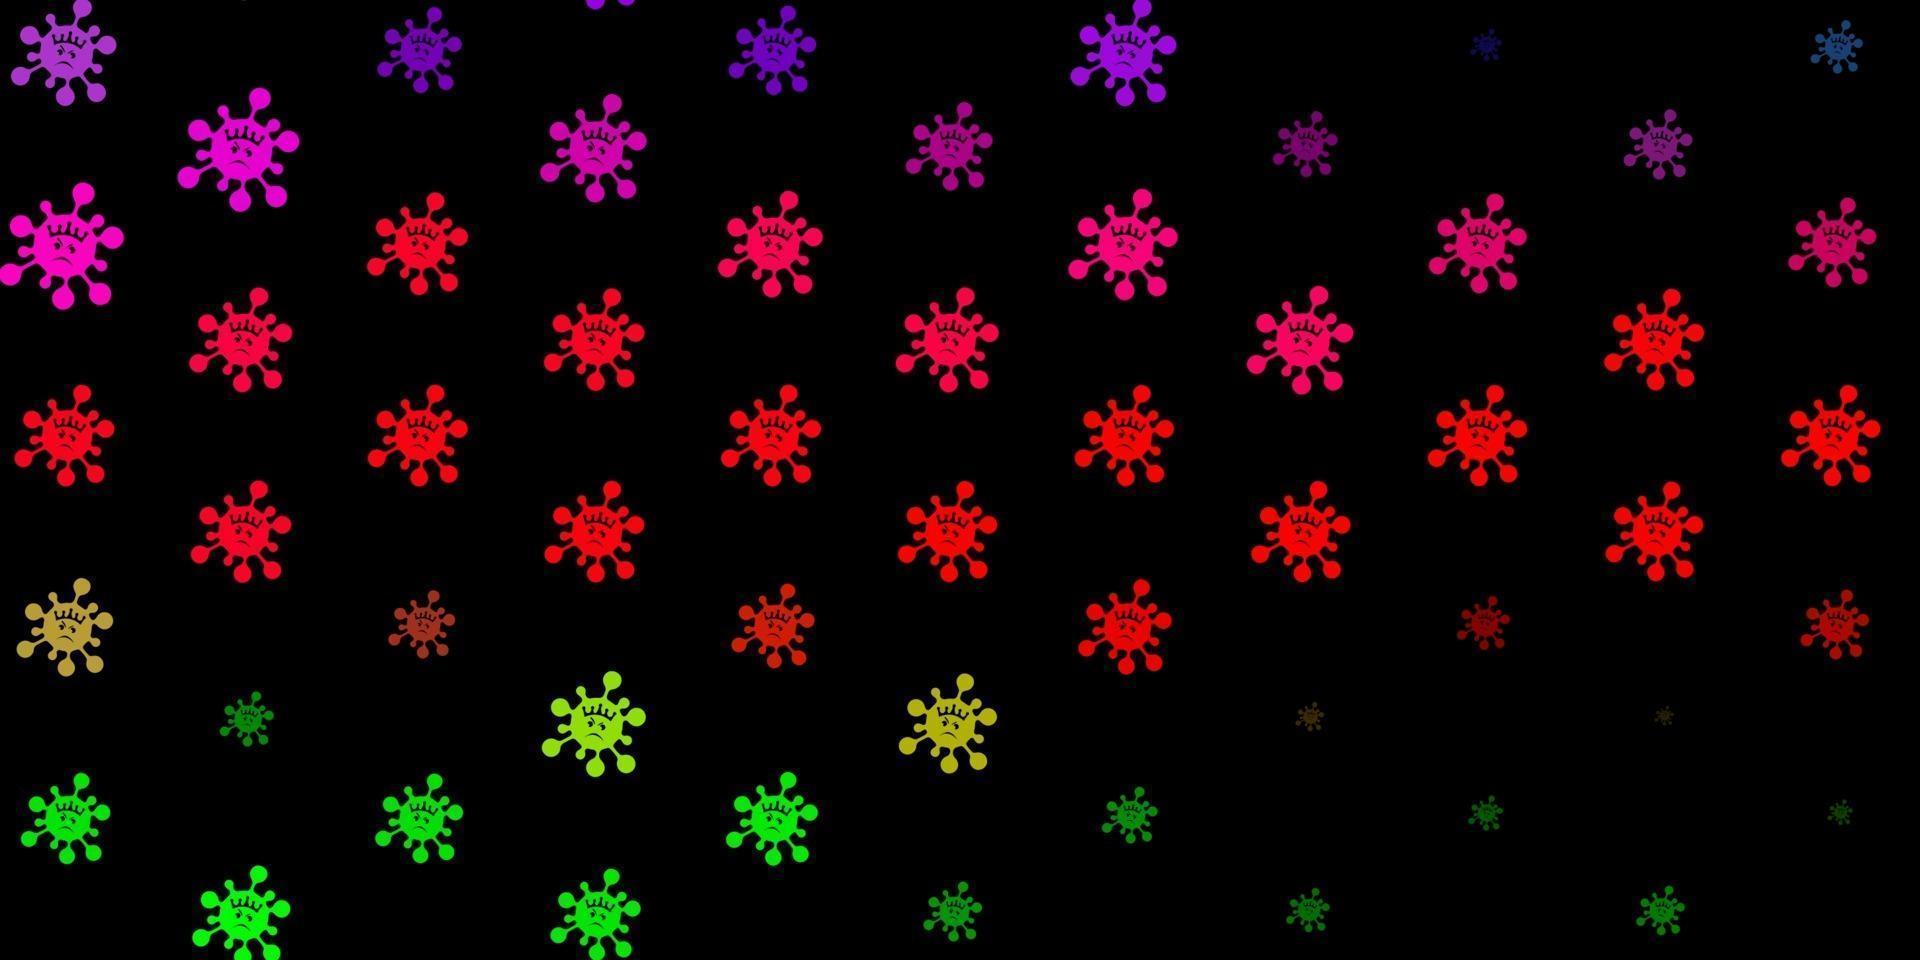 mörkrosa, grön vektorbakgrund med virussymboler. vektor